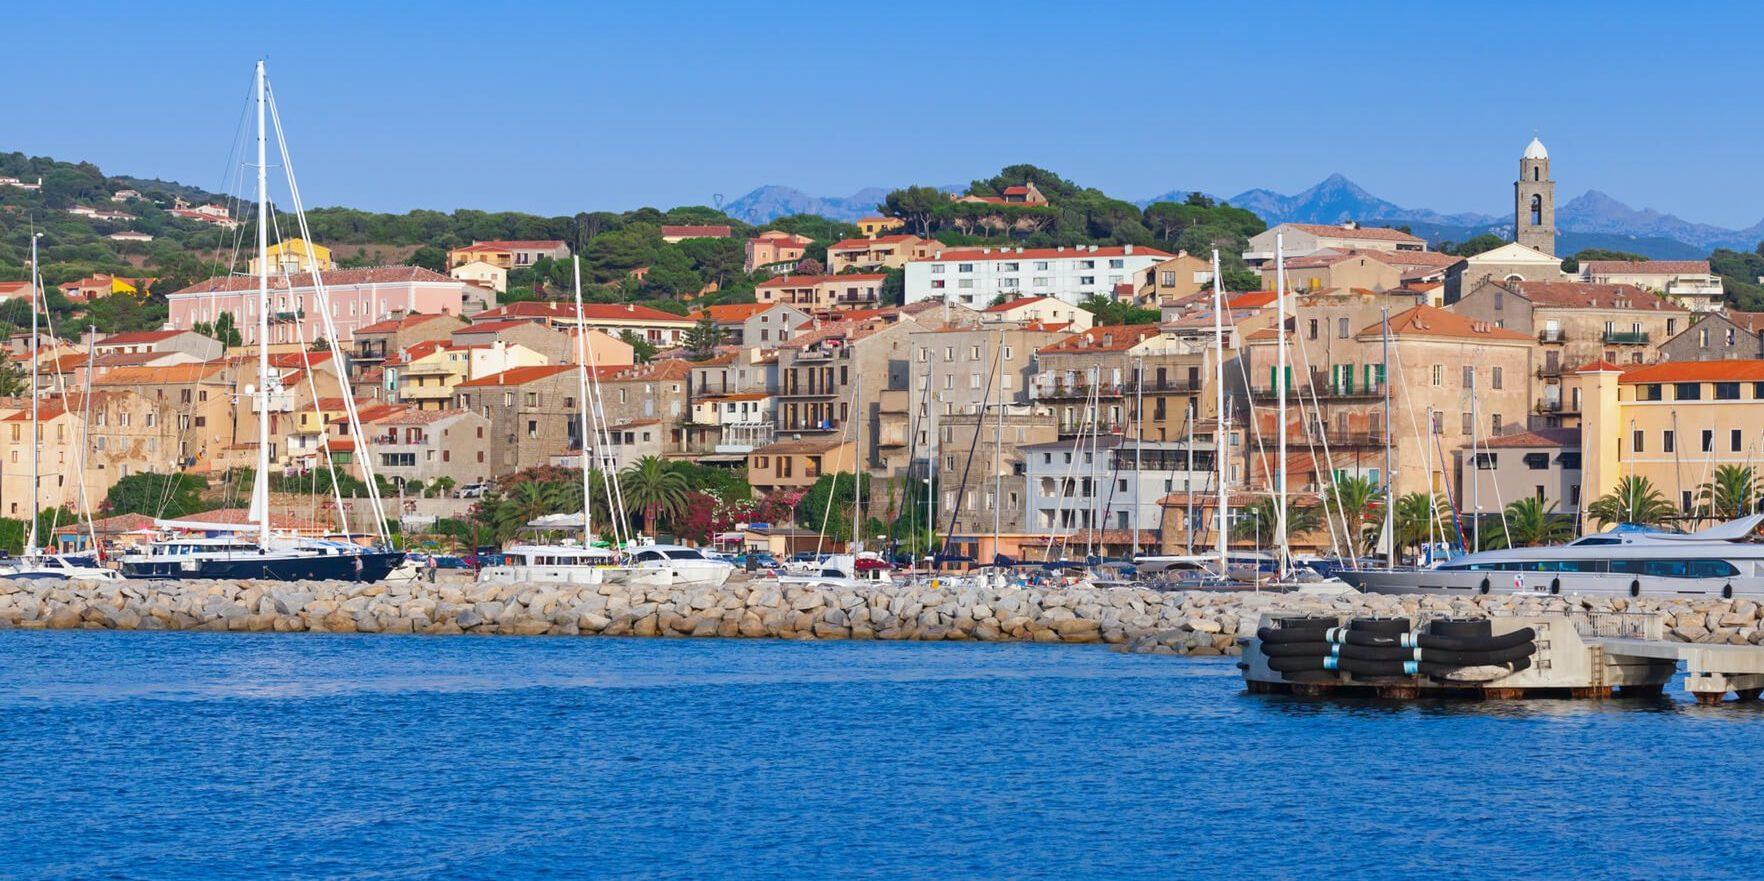 Propriano Corsica Frankrijk haven plezierjachten zee kerk klokkentoren